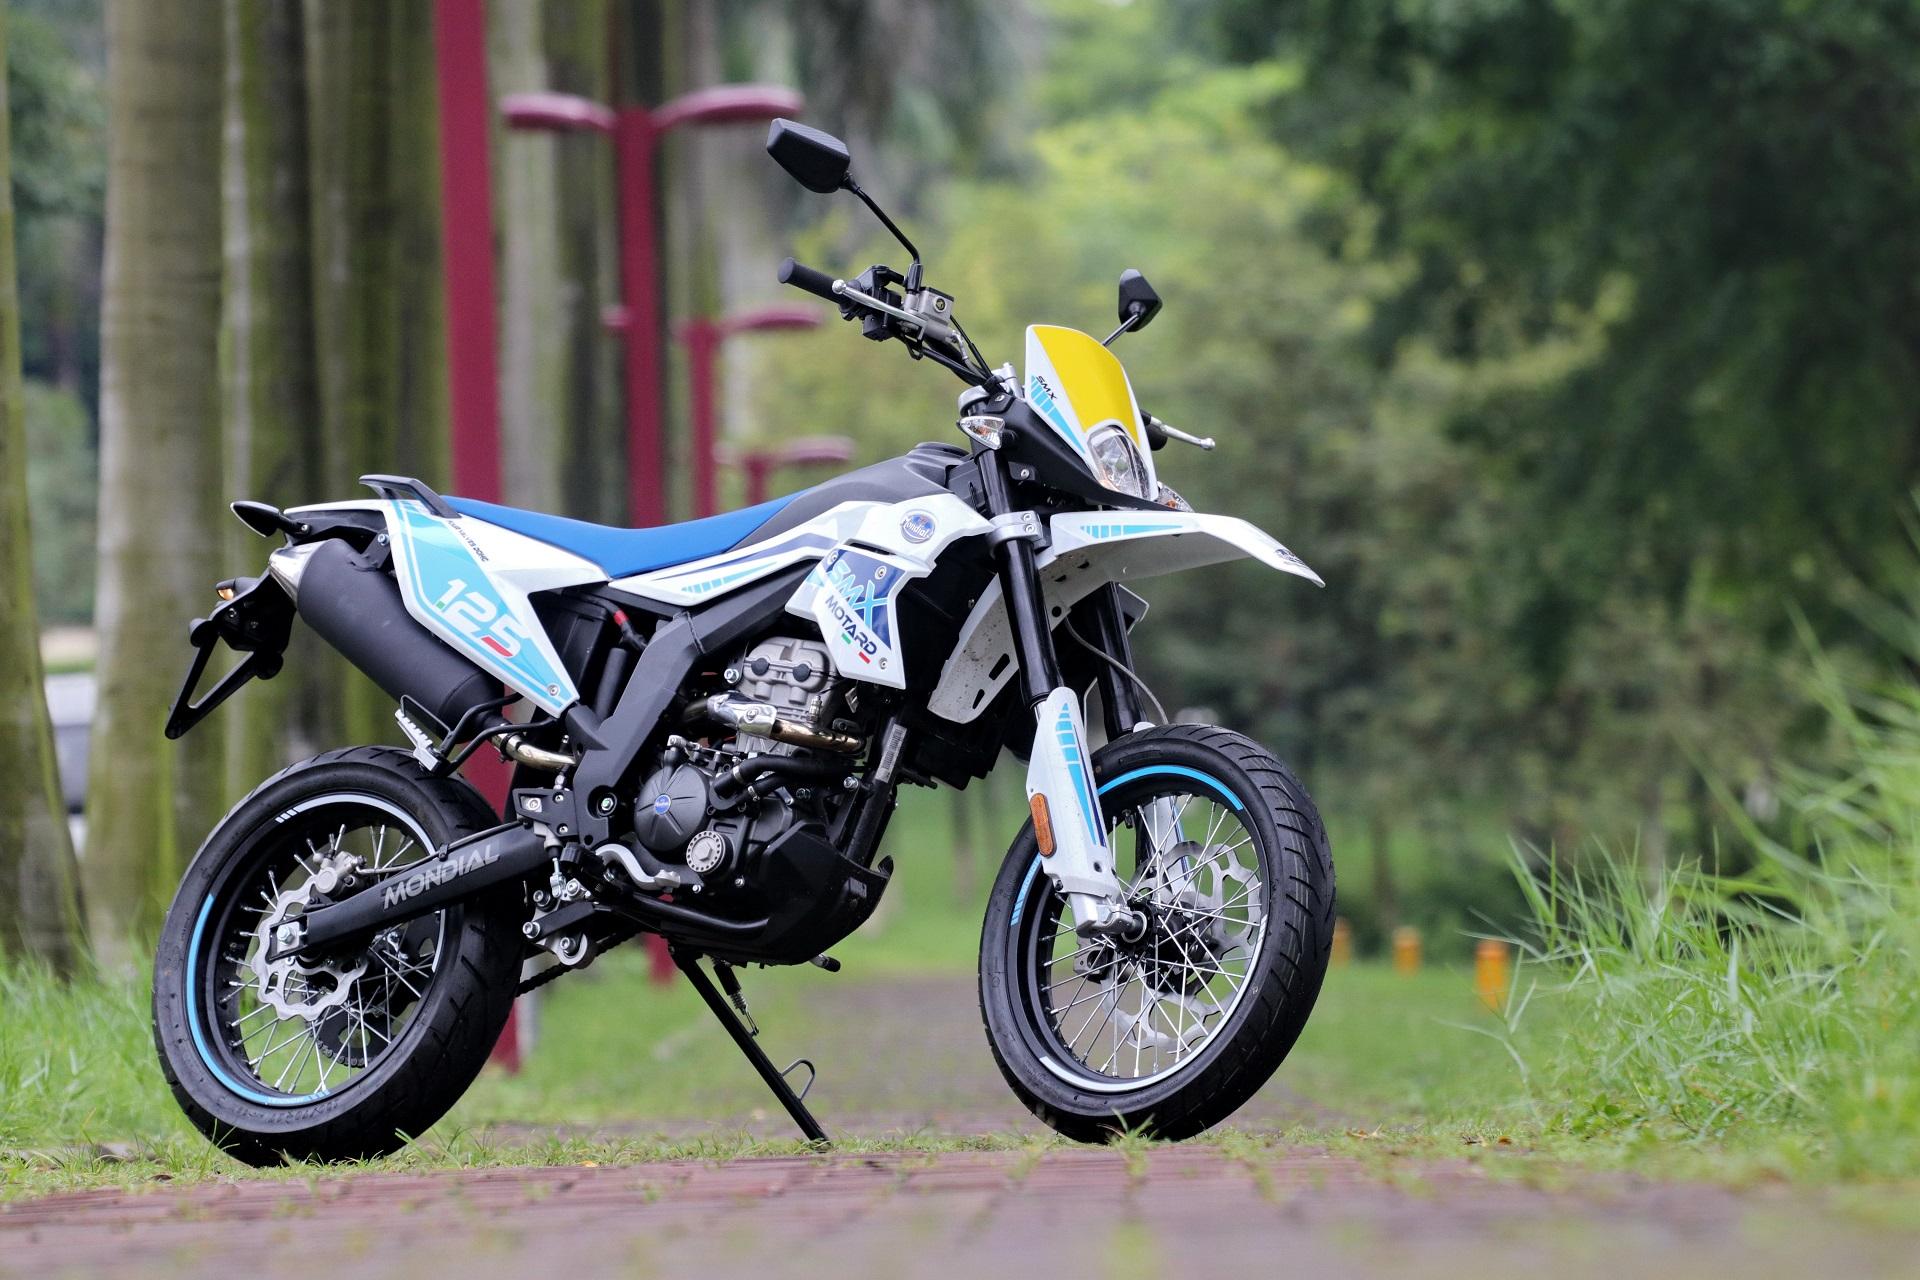 FBMONDIAL MOTARD MOTORCYCLE 125